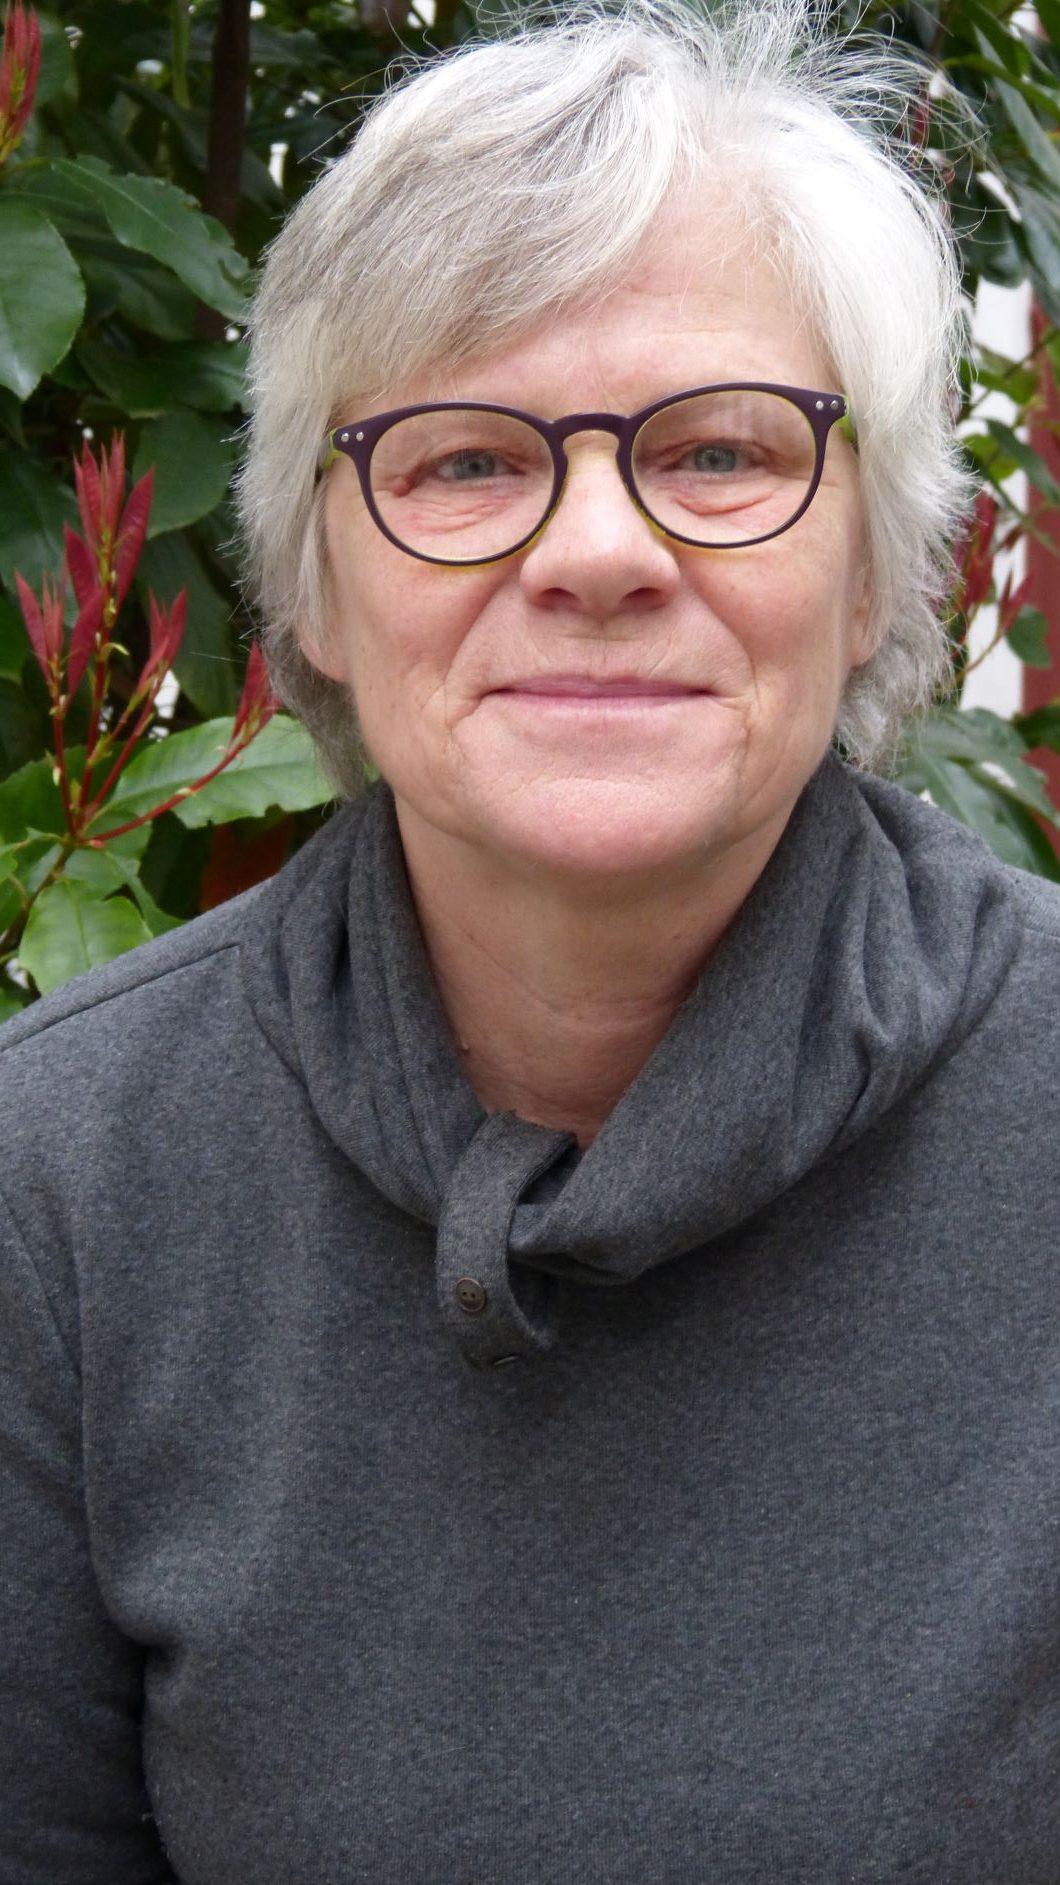 Petra Voß : Mitglied im Stadtkleingartenausschuss | Stellvertretendes Mitglied im Ausschuss für Familie, Soziales und Gleichstellung